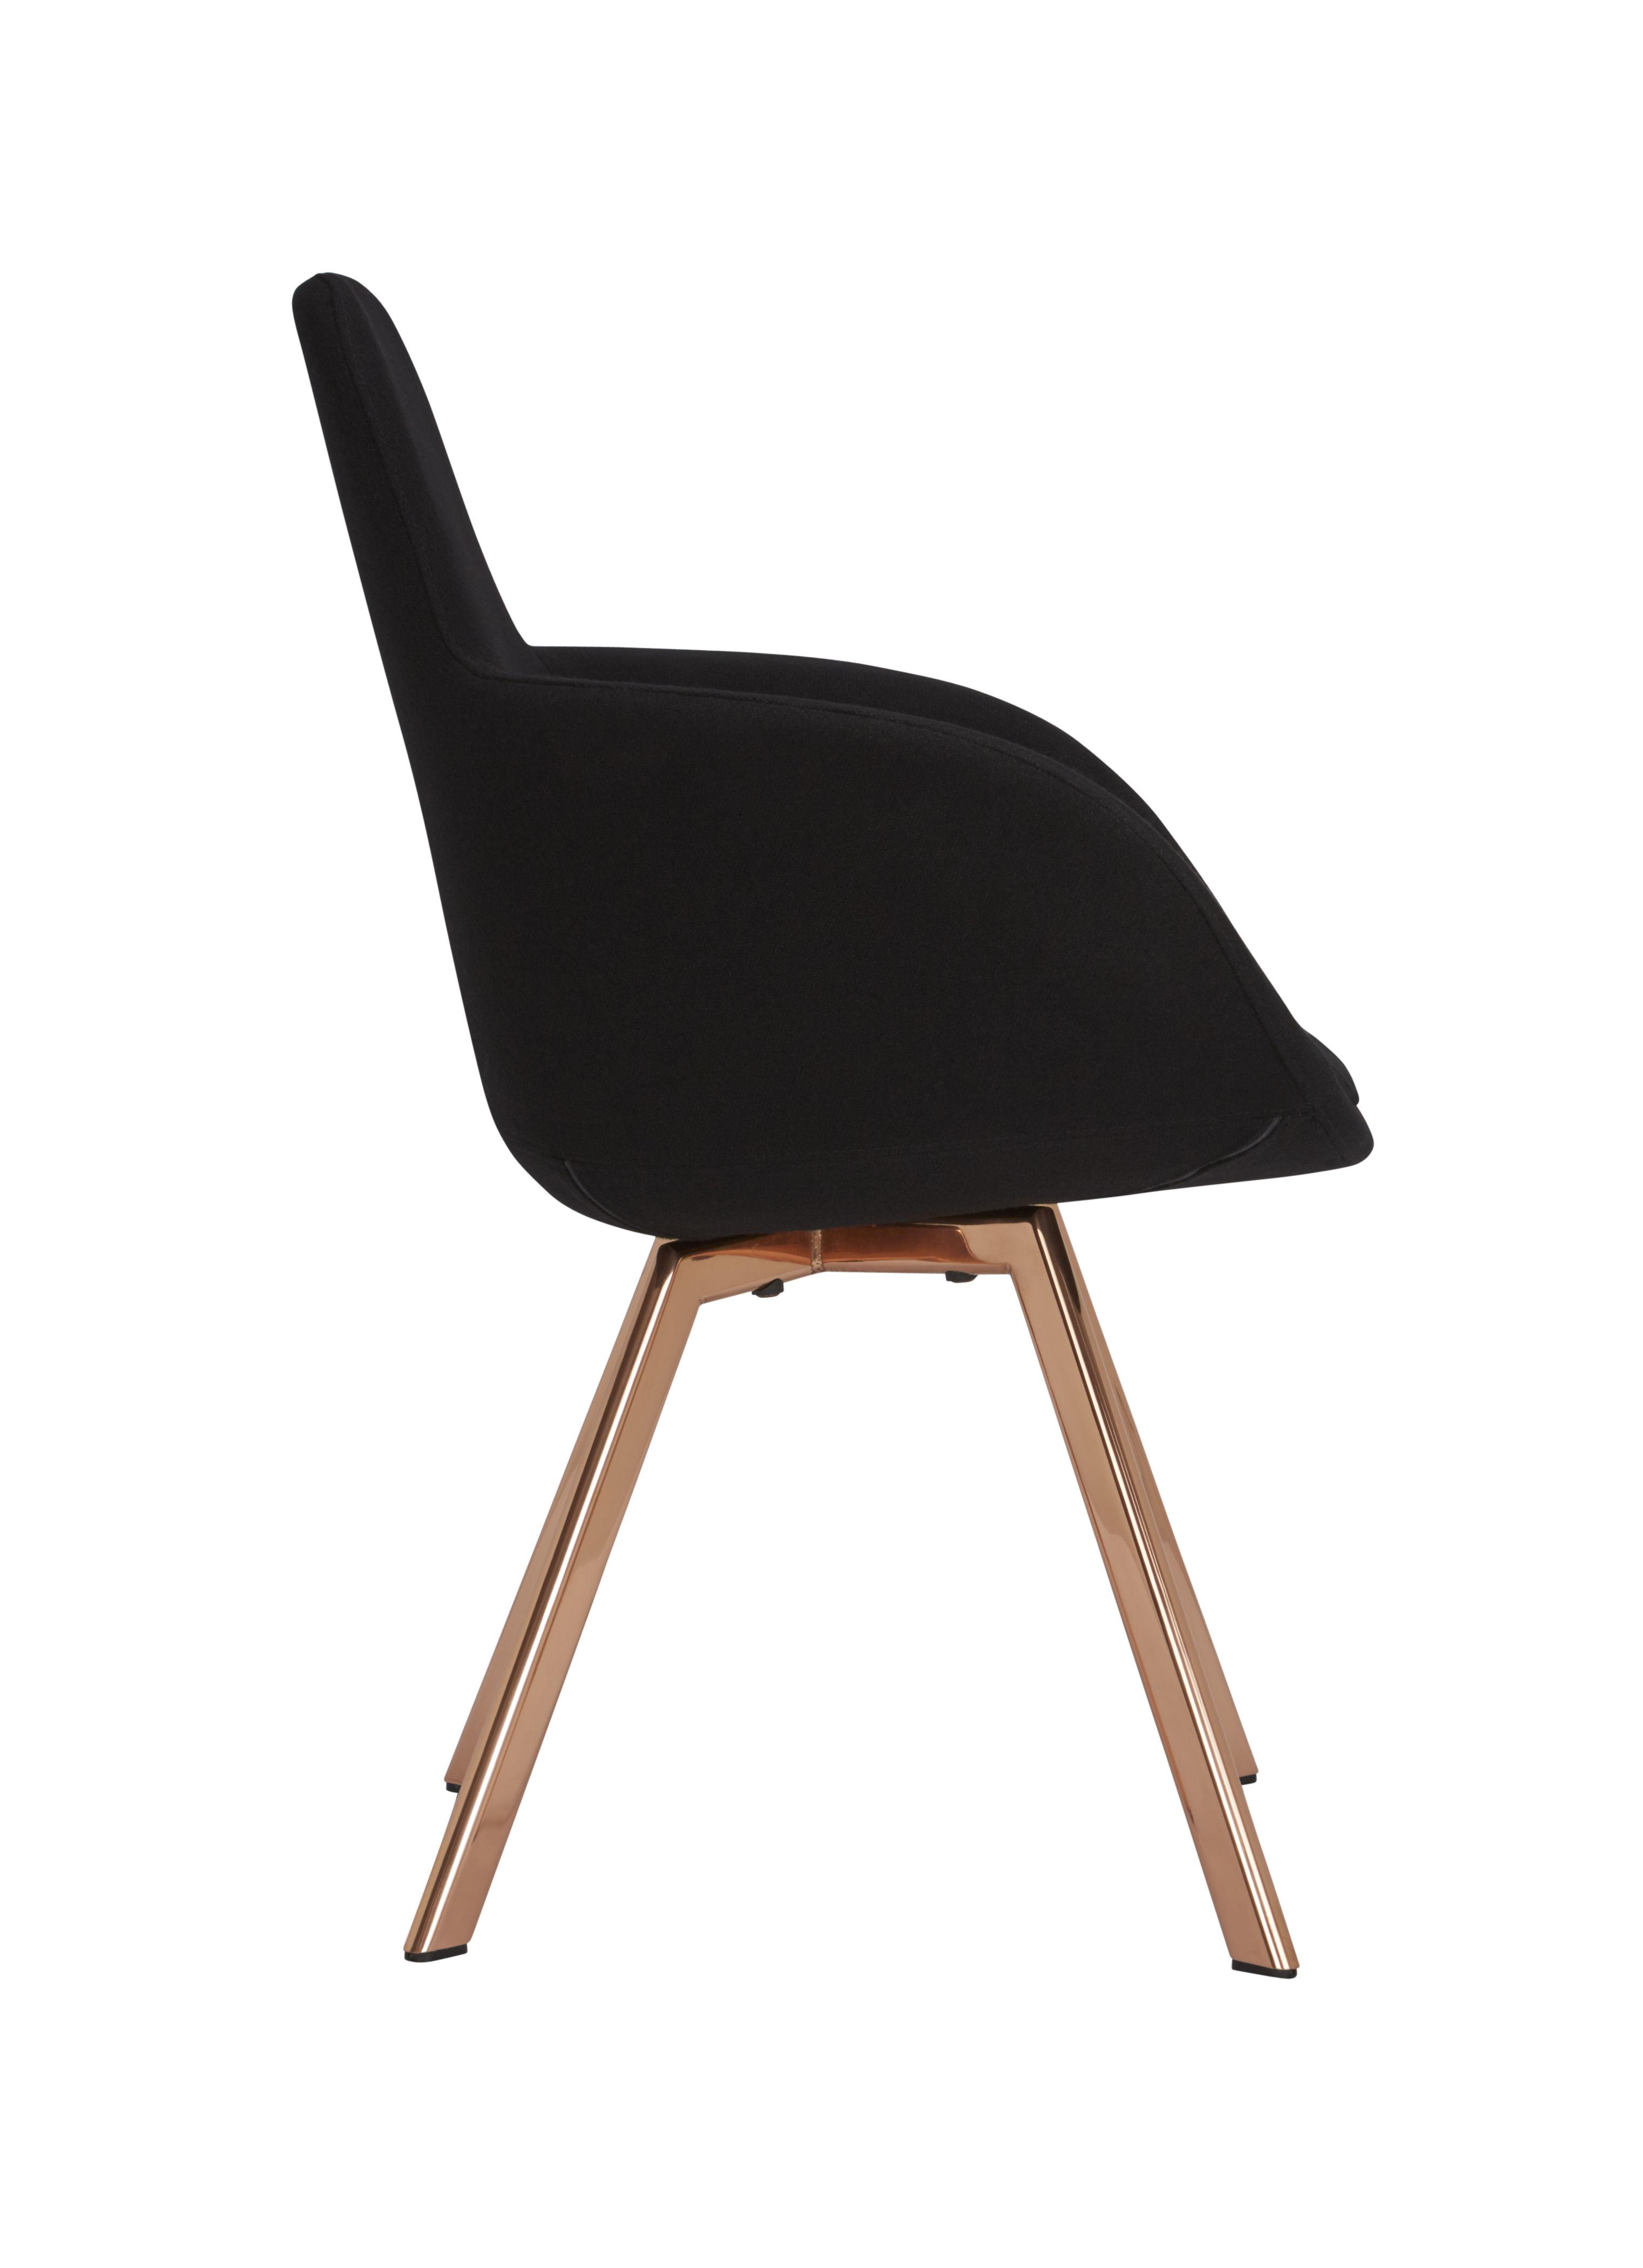 scoop hohe r ckenlehne tom dixon sessel. Black Bedroom Furniture Sets. Home Design Ideas